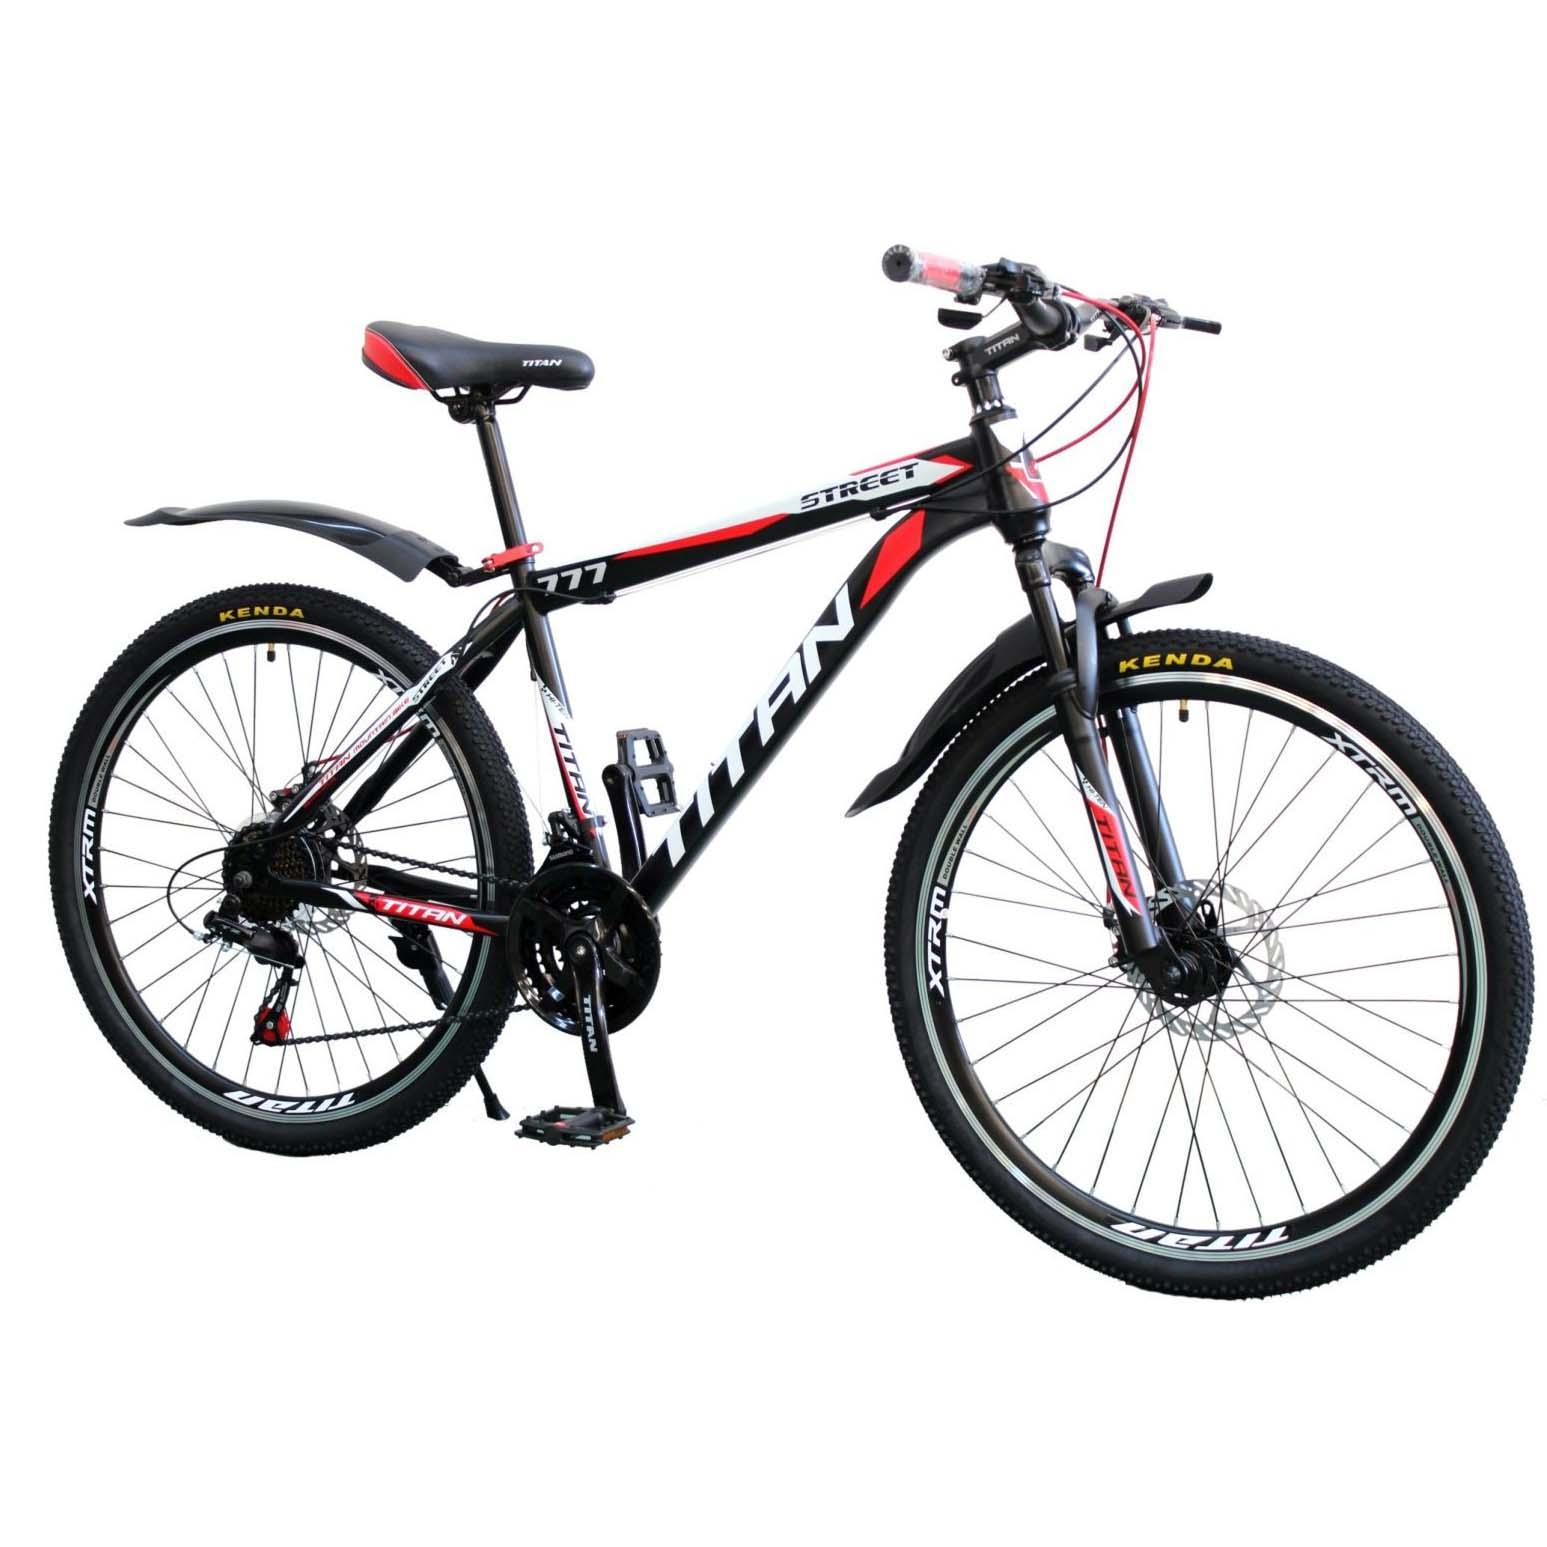 Фото Горный Велосипед Titan Street 26 черно-красно-белый